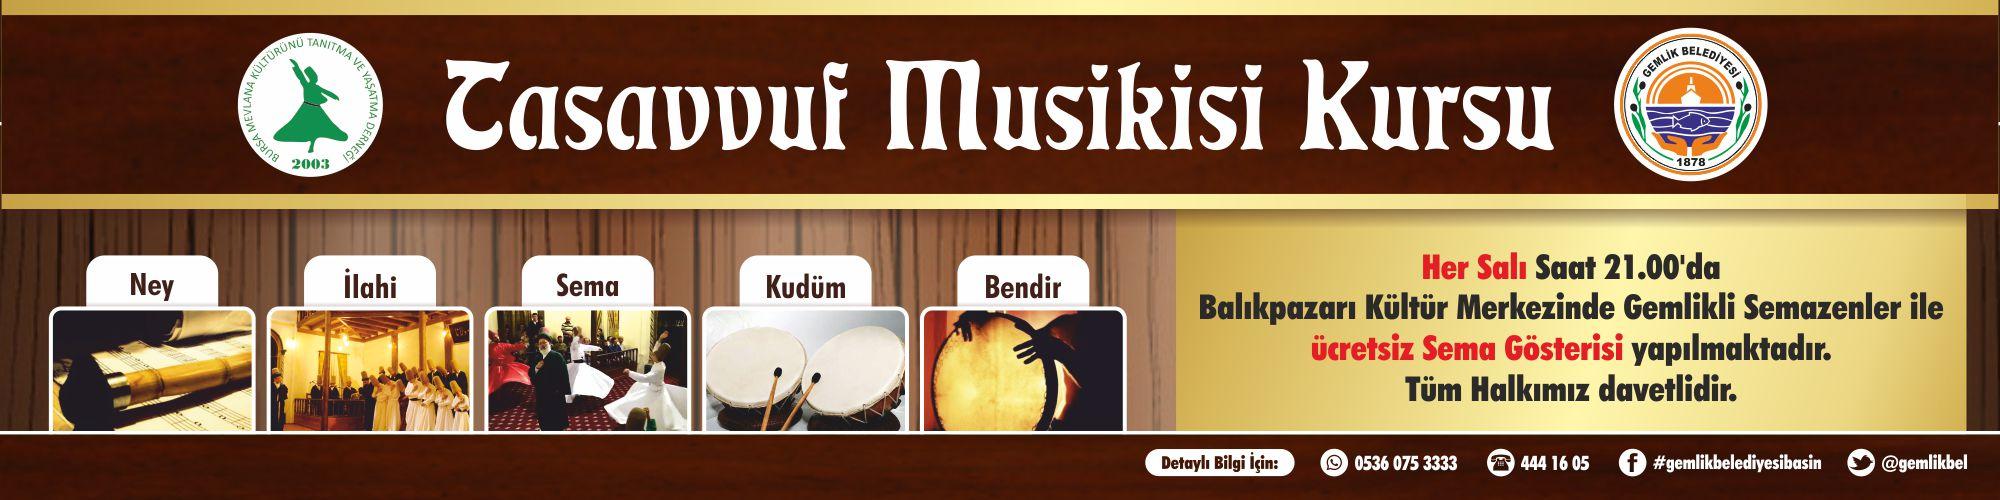 Tasavvuf Musikisi Kursu